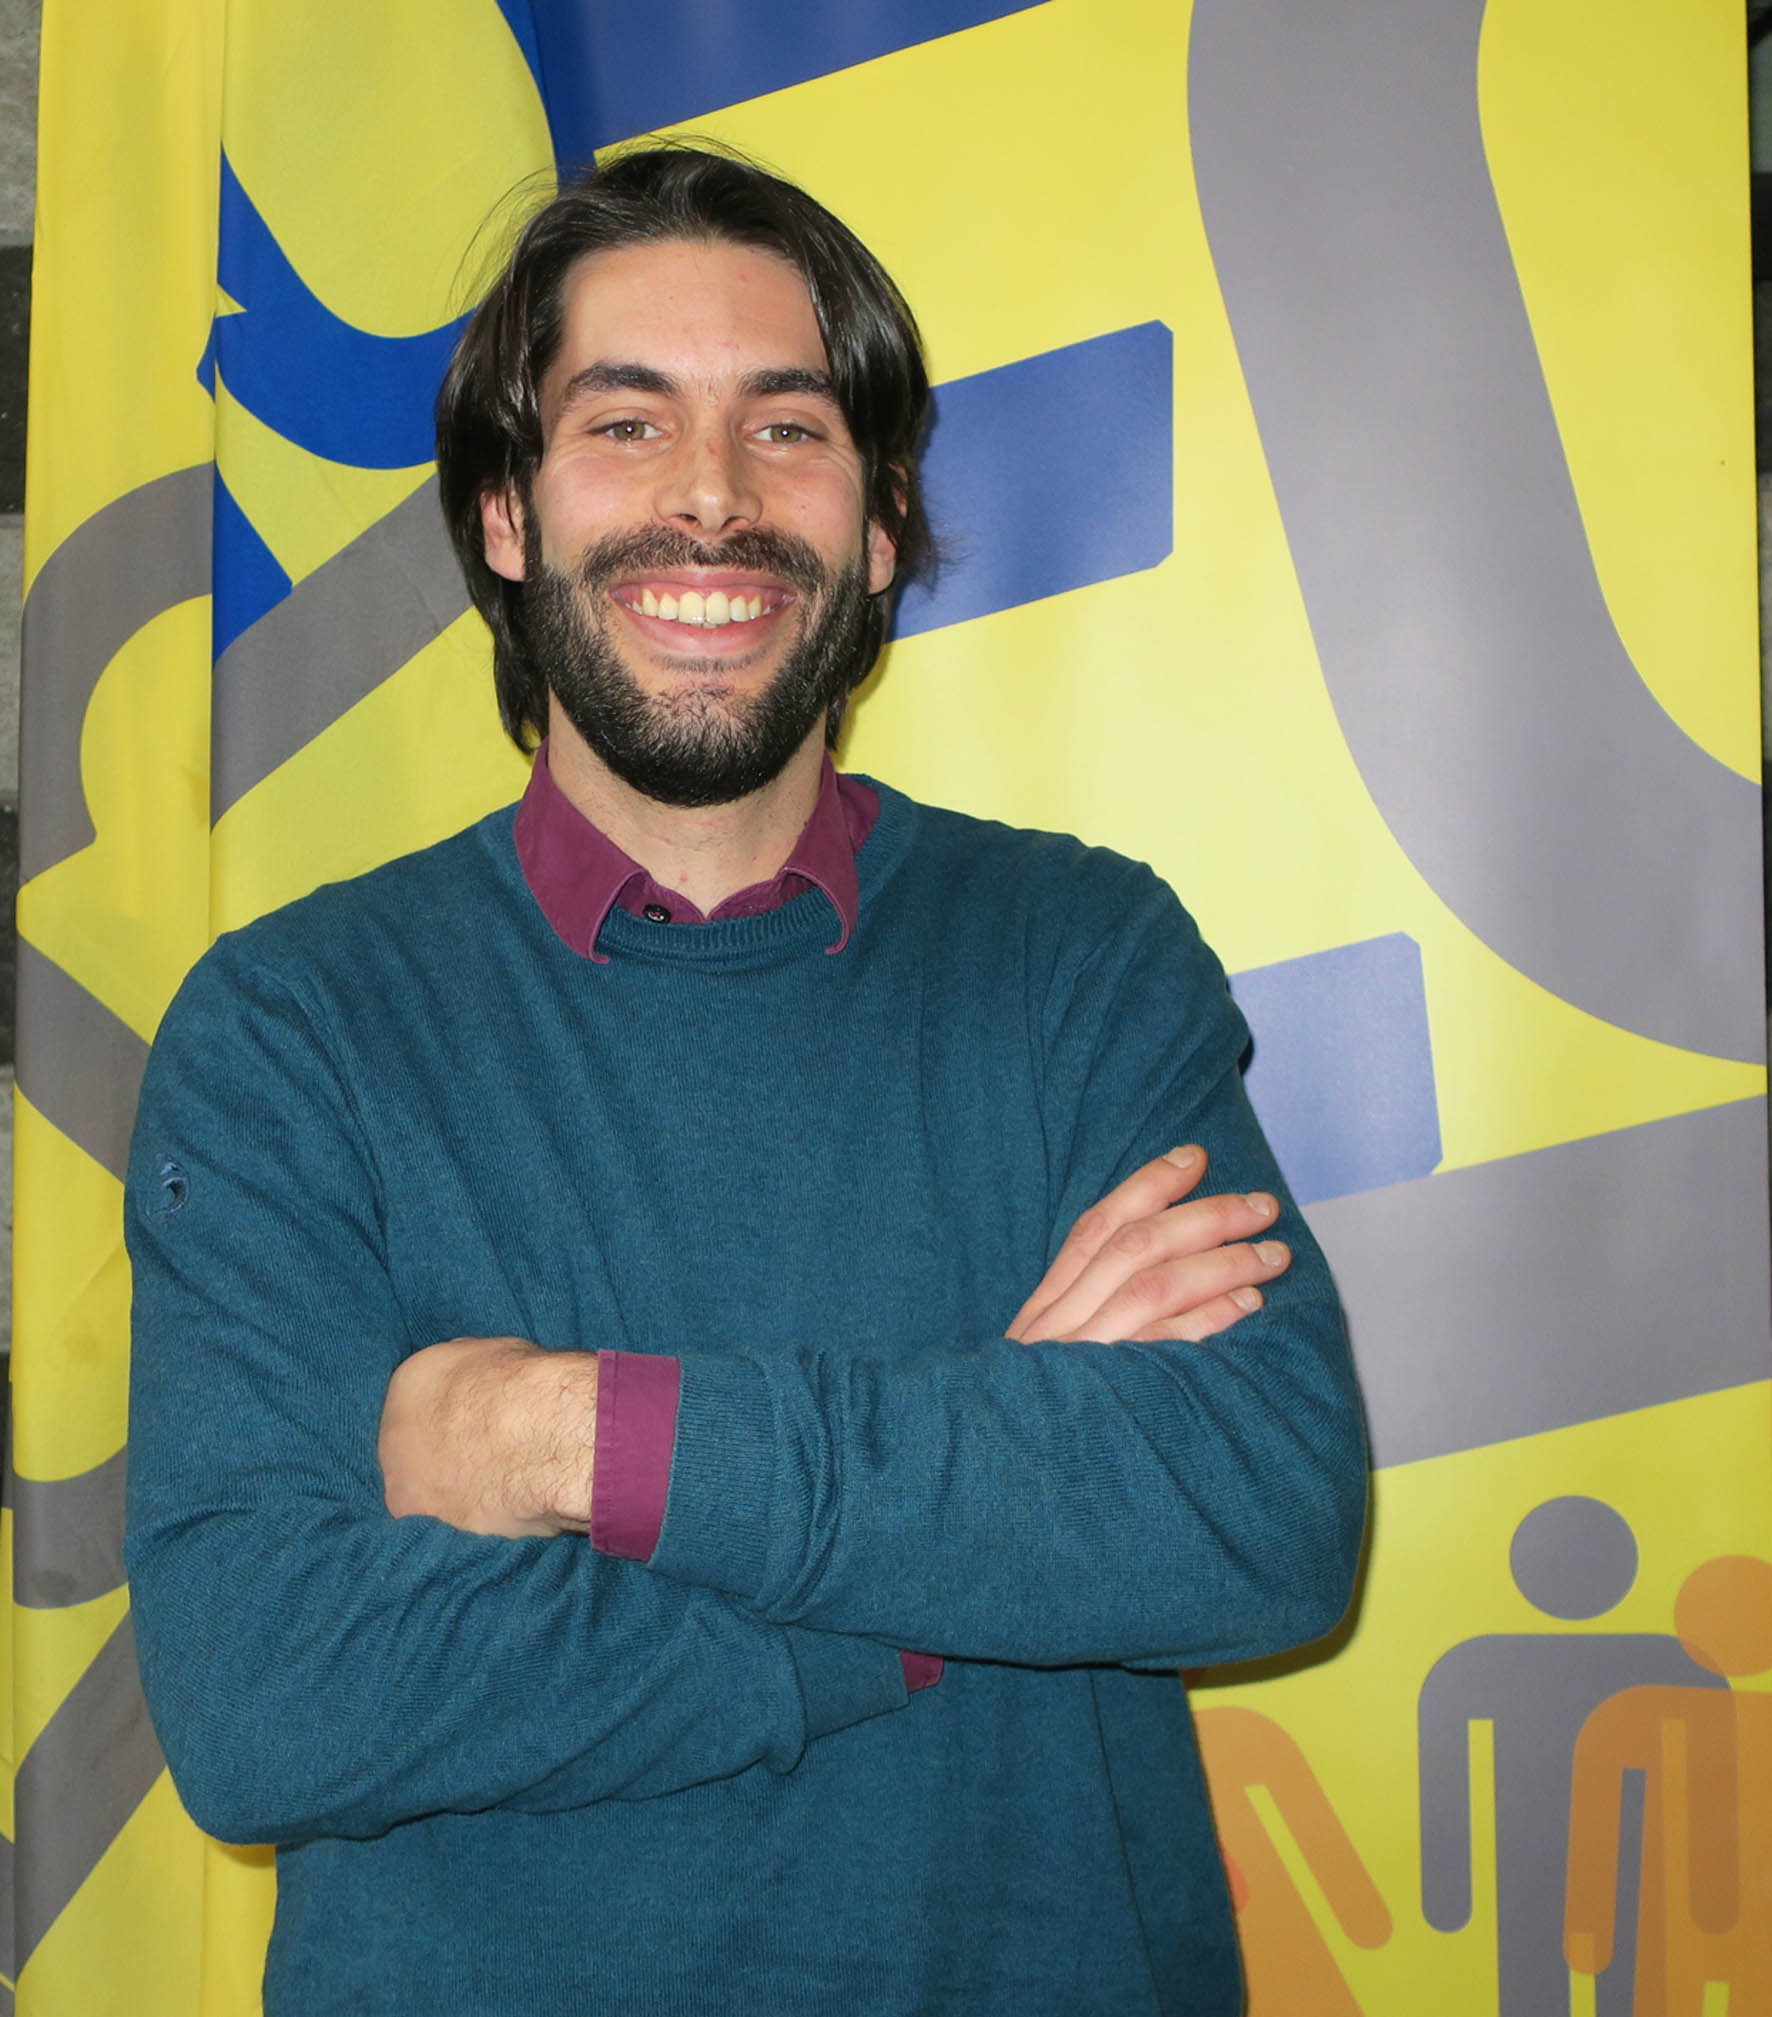 Matteo Castella è il nuovo presidente di Ue.Coop Piemonte.